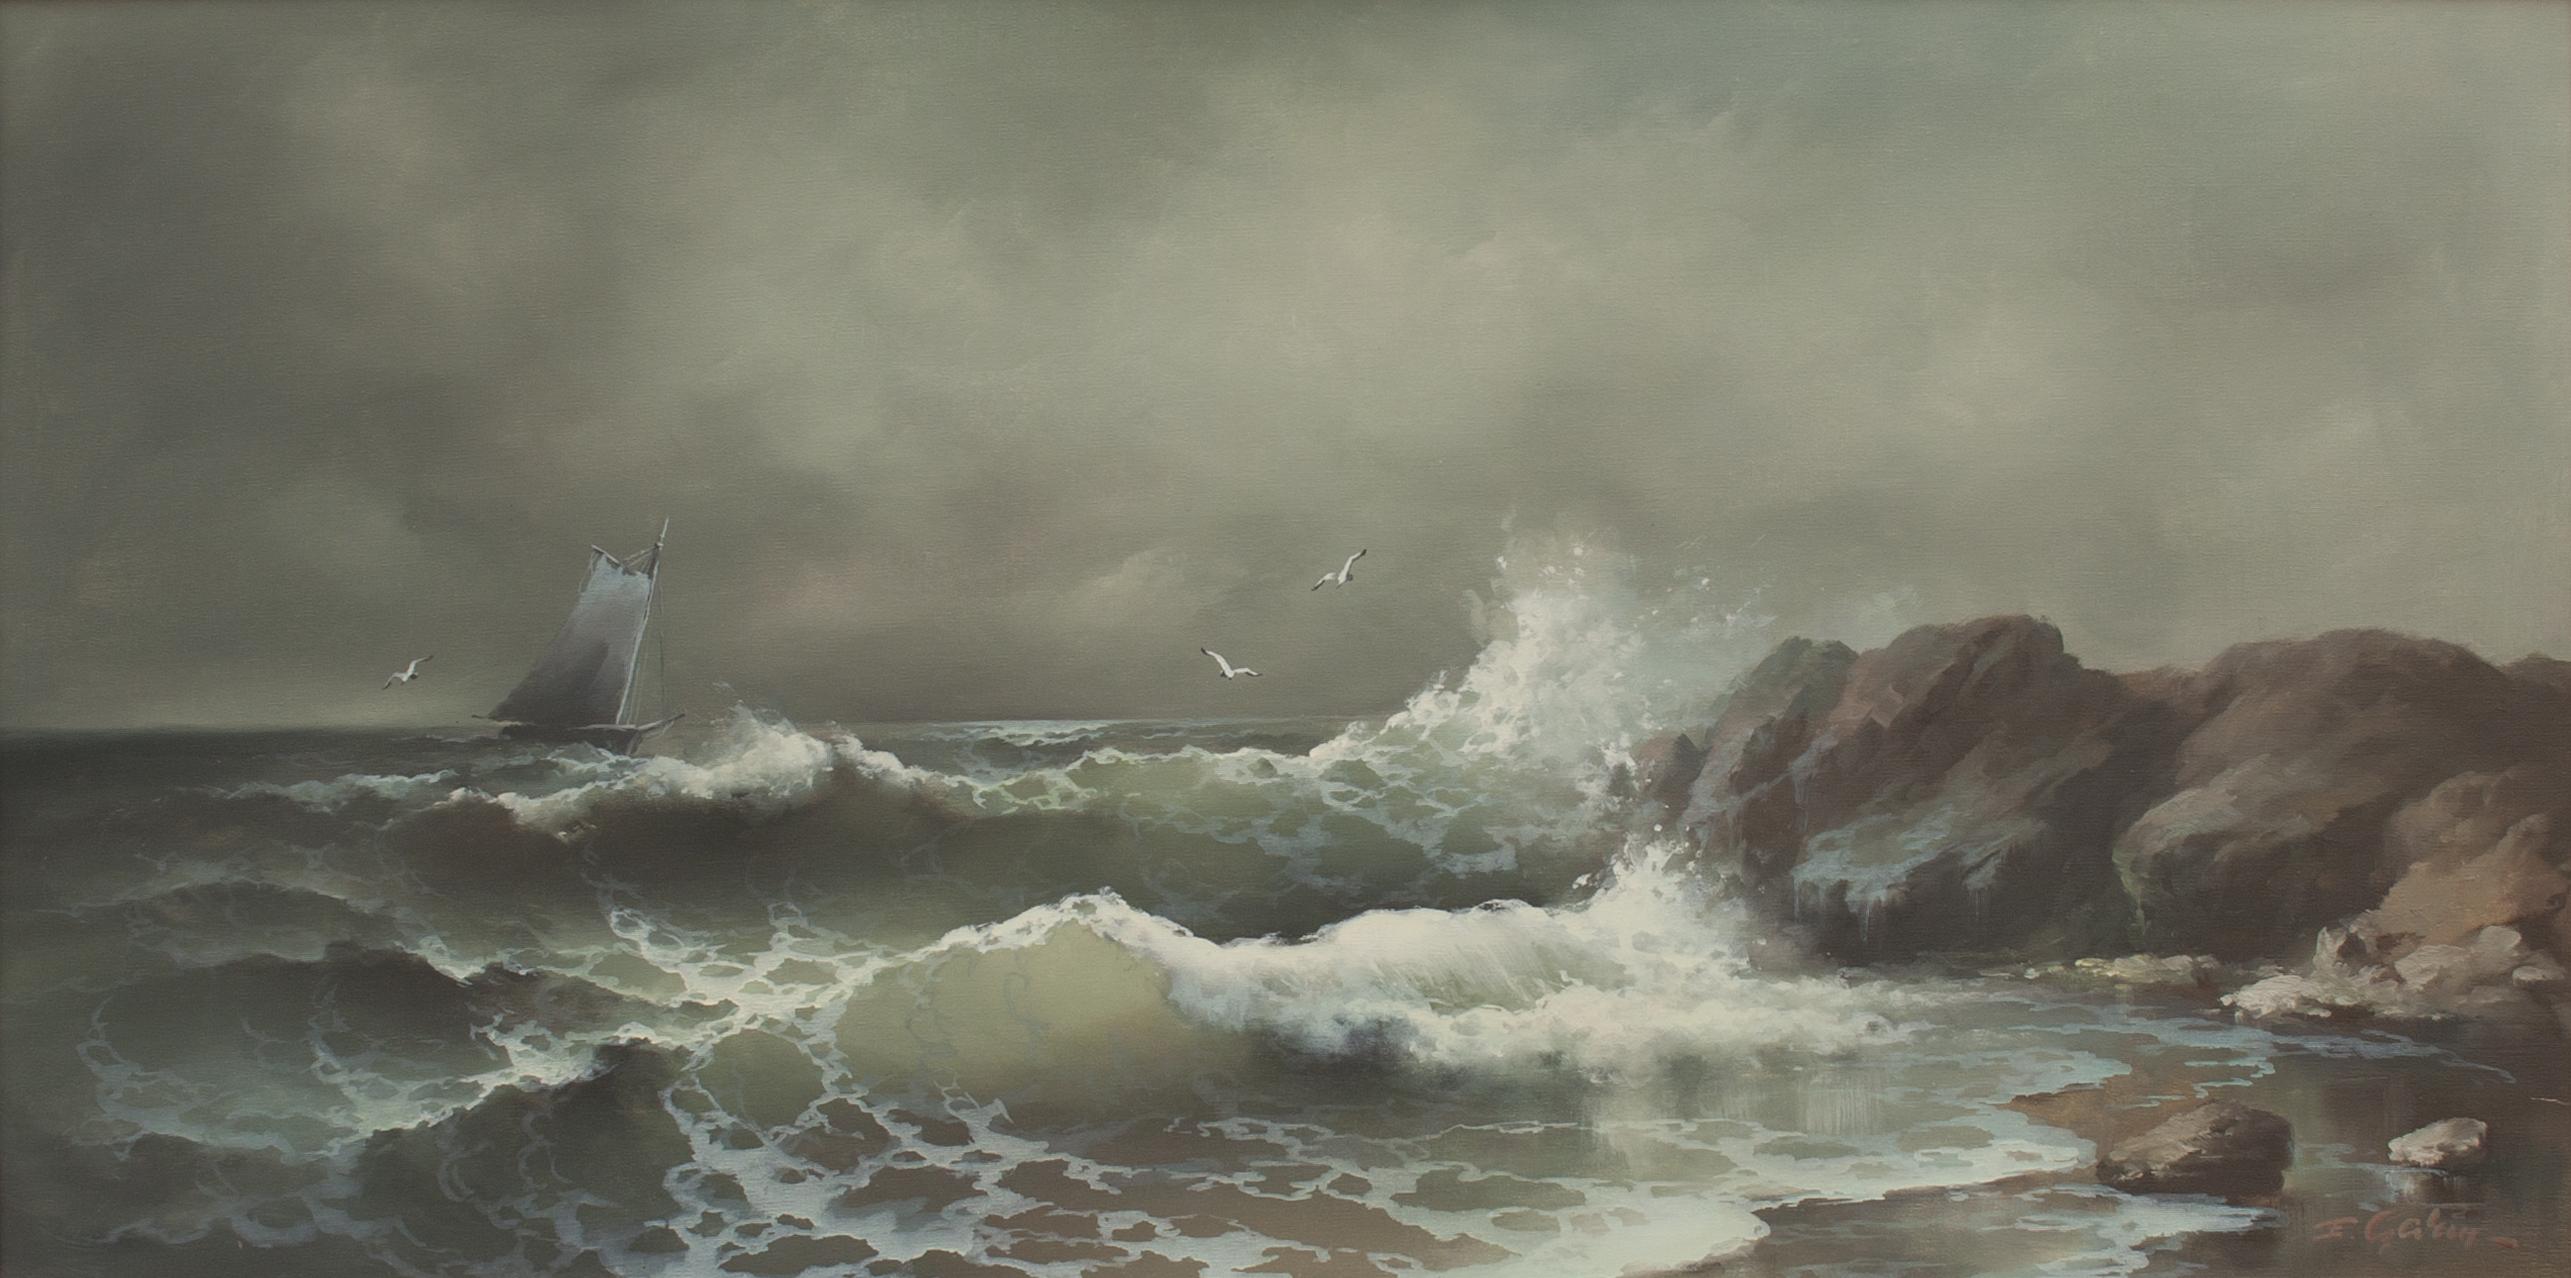 Eugene Garin – Untitled Coastal Scene, c. 1960